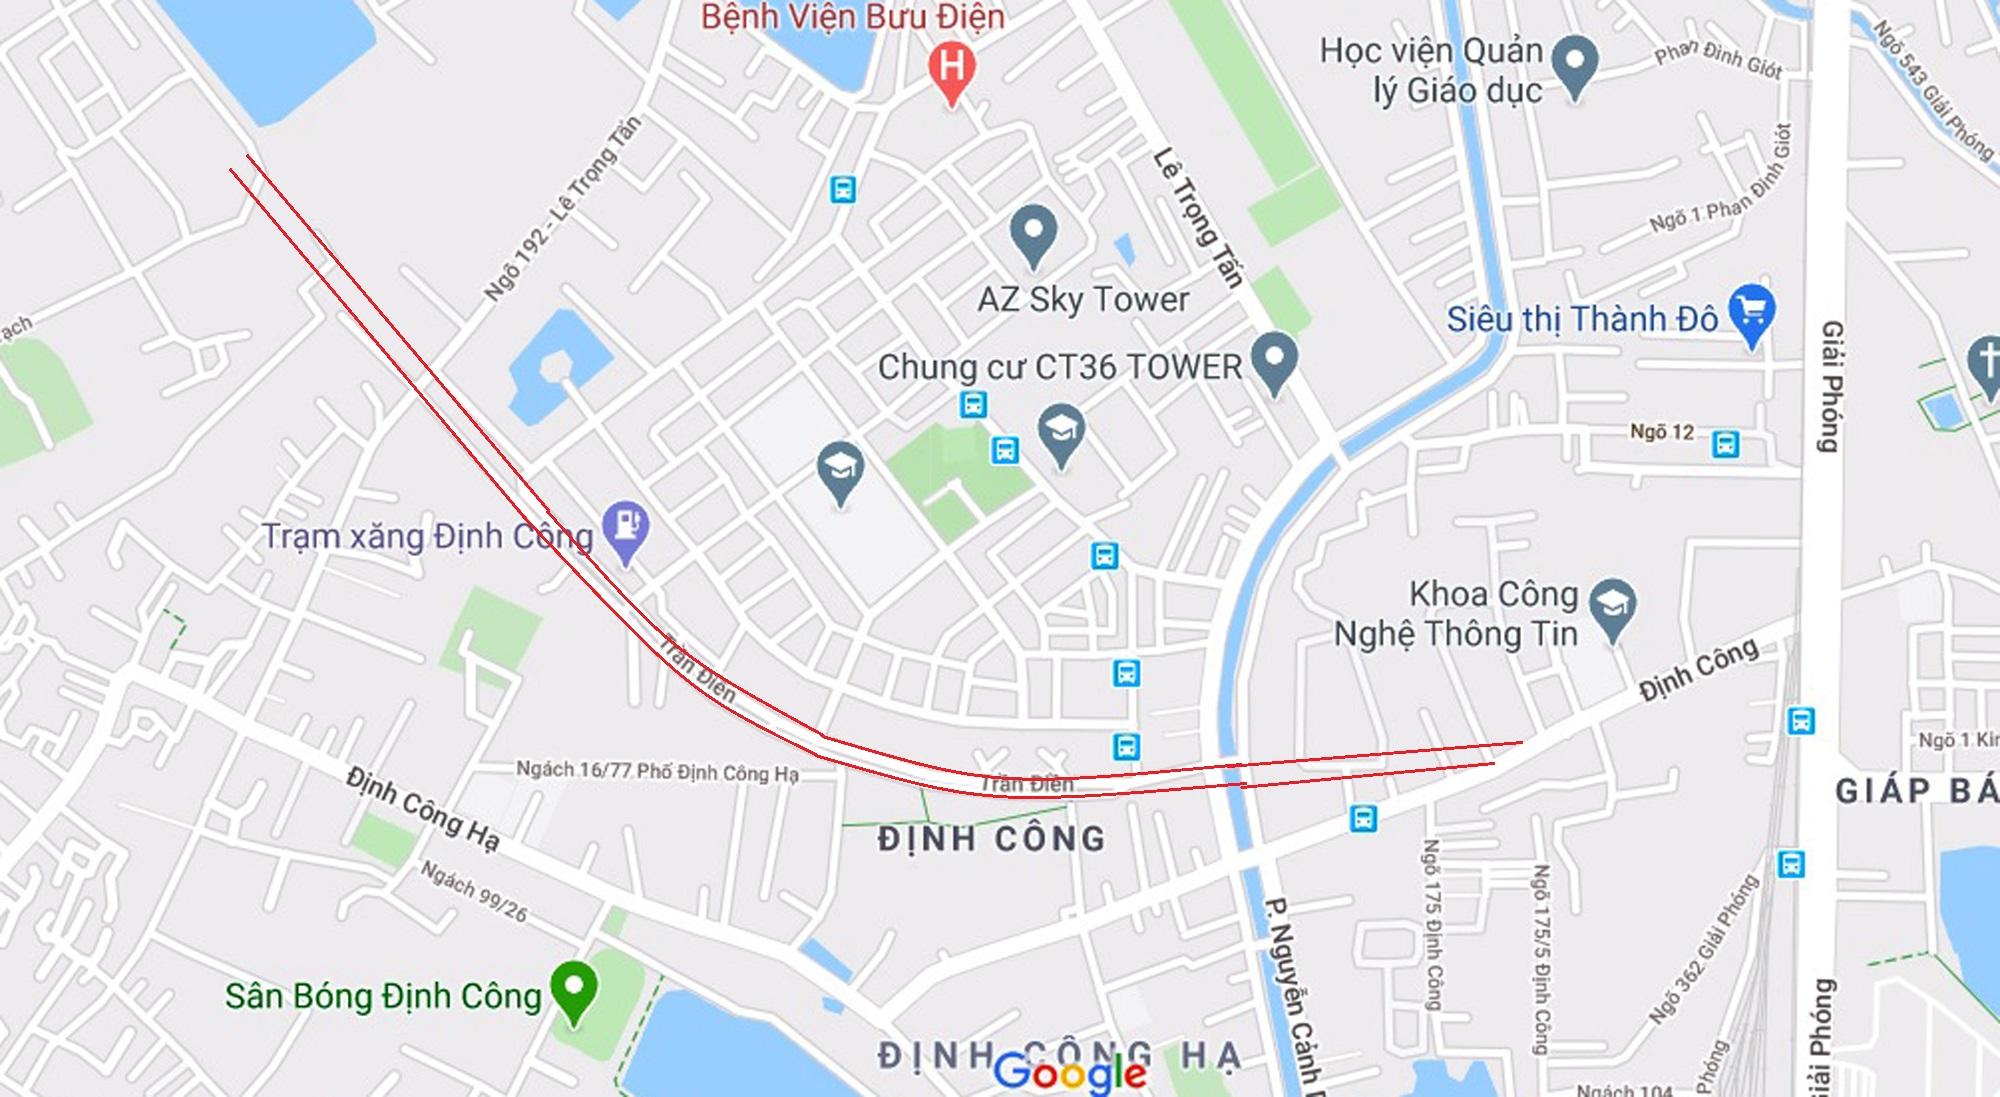 đường sẽ mở theo qui hoạch ở phường Định Công, Hoàng Mai, Hà Nội - Ảnh 7.